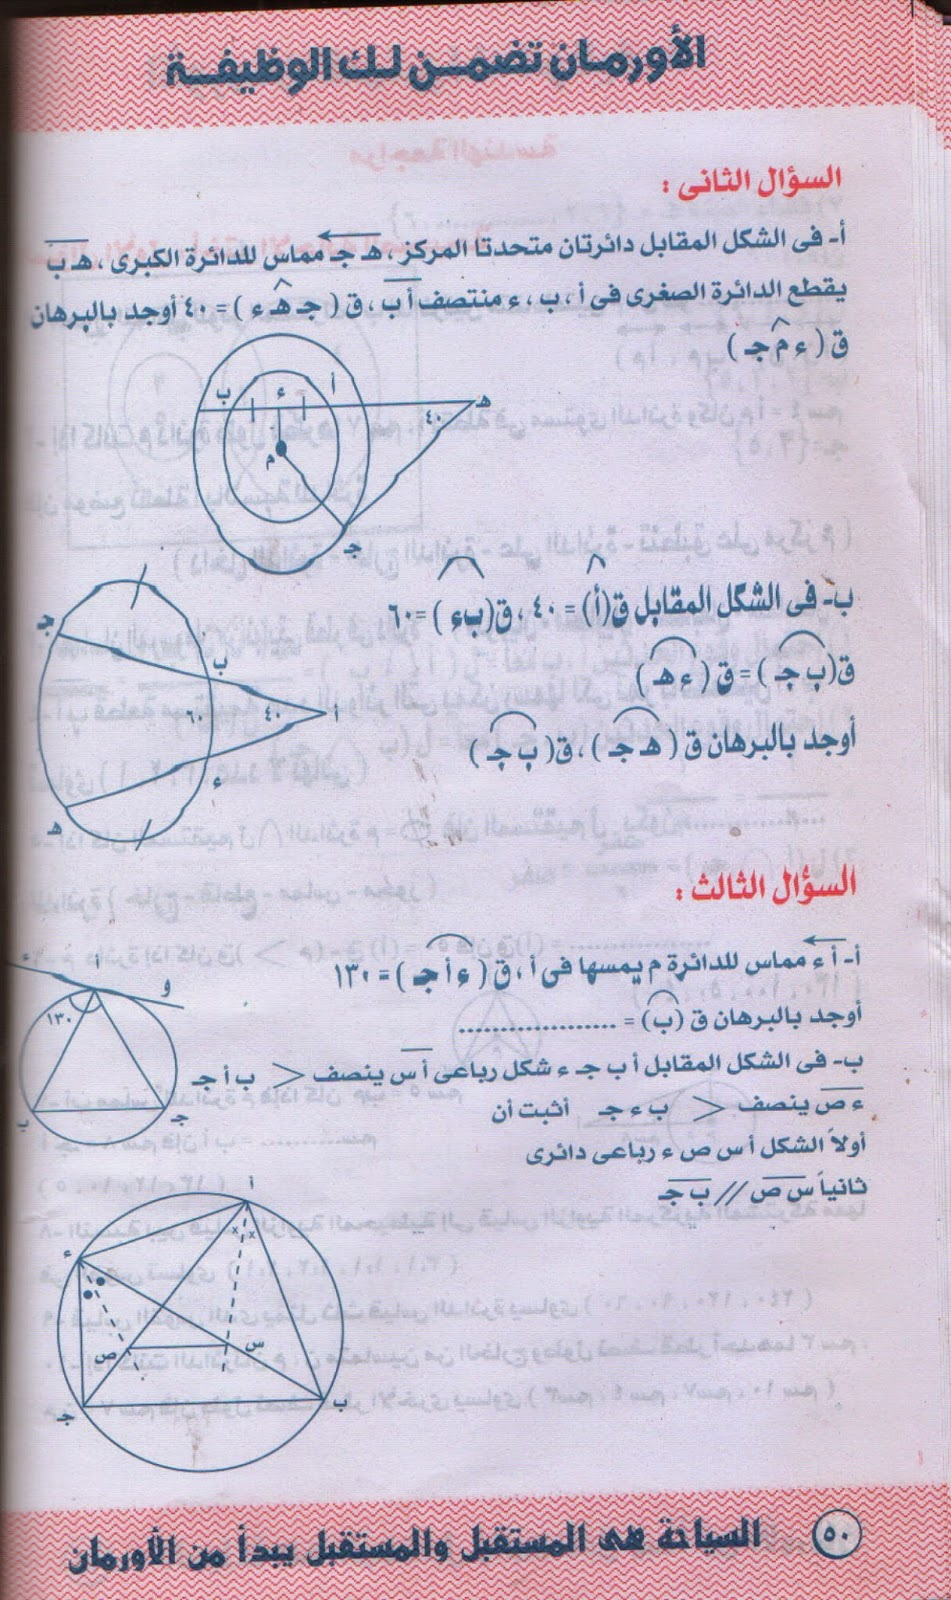 مراجعة  رياضيات ترم 2 الثالث الإعدادى 2.jpg